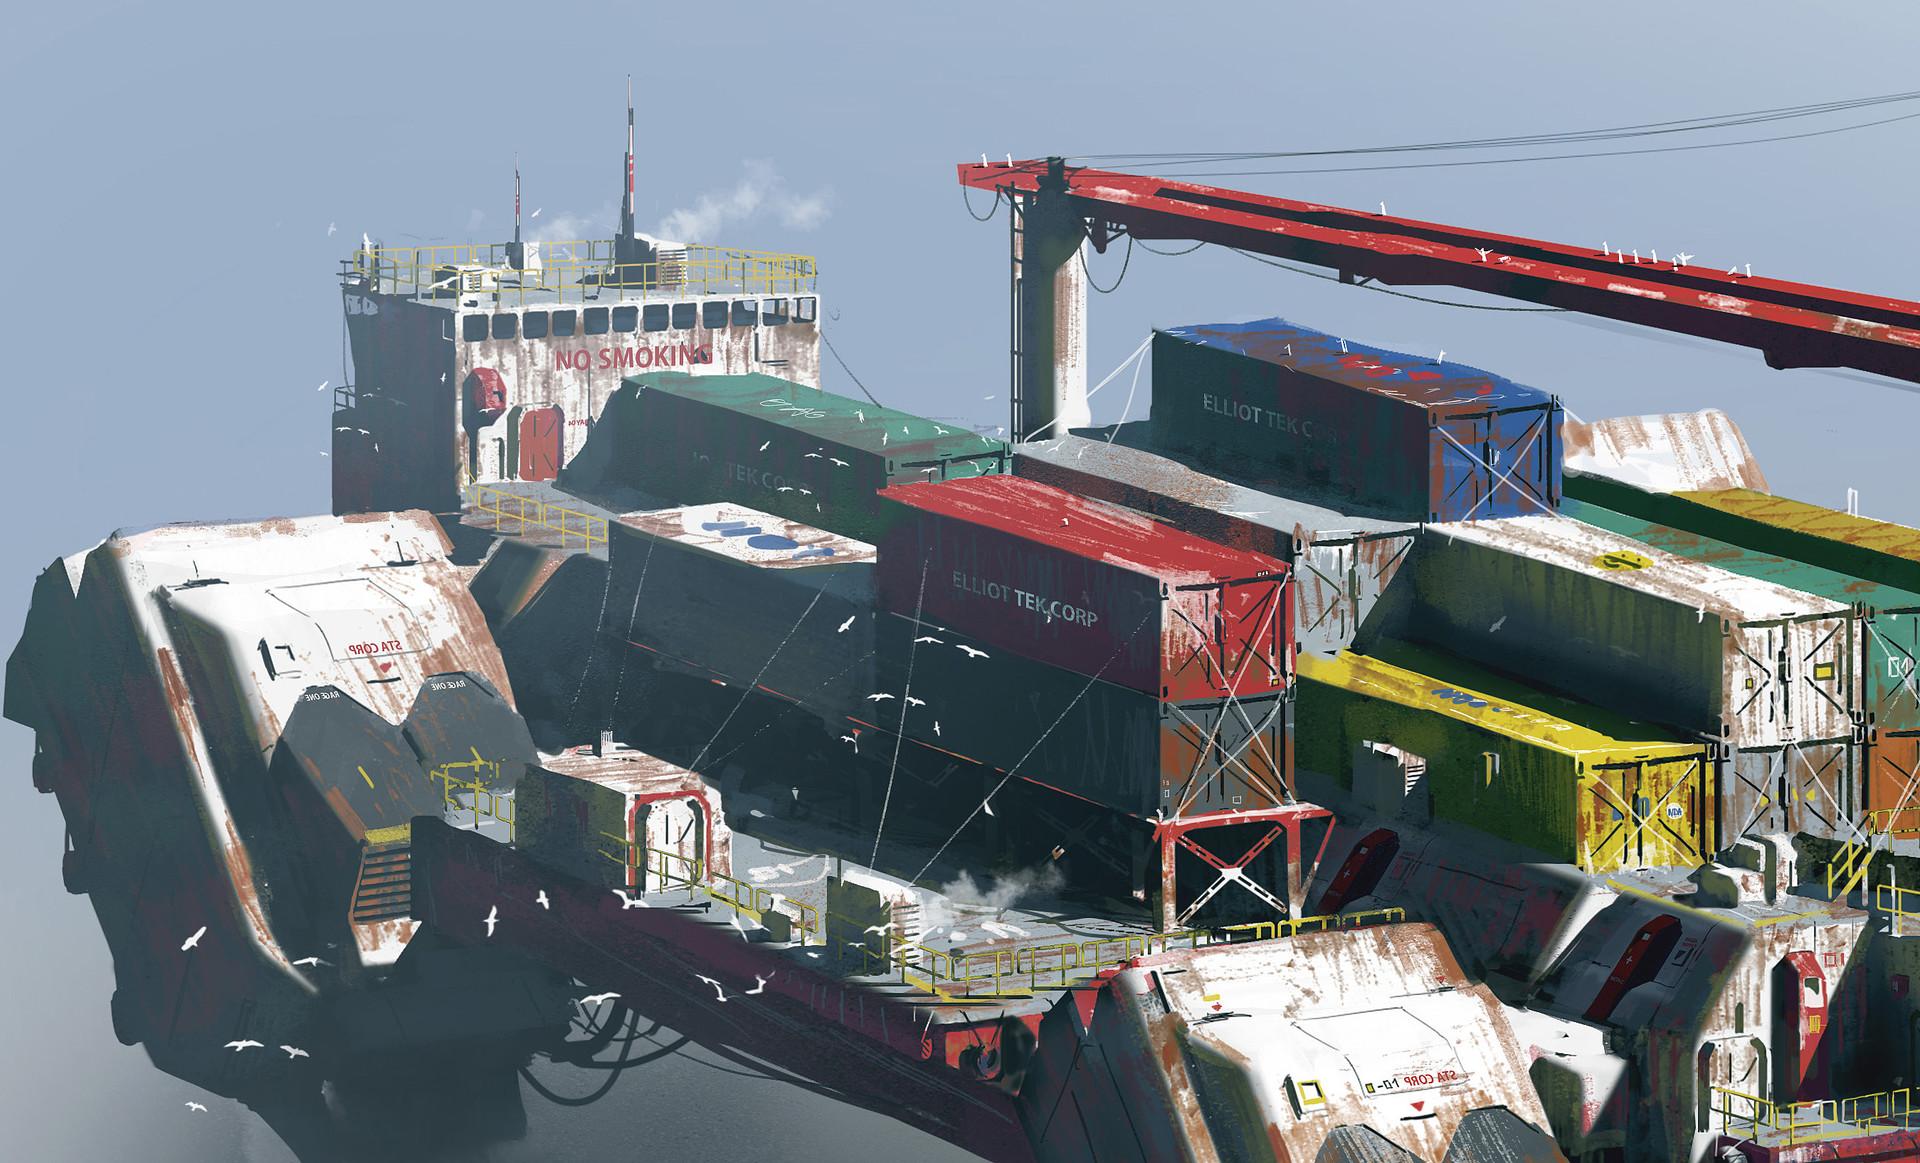 Paul chadeisson testspeed 0161 ship closeup 02